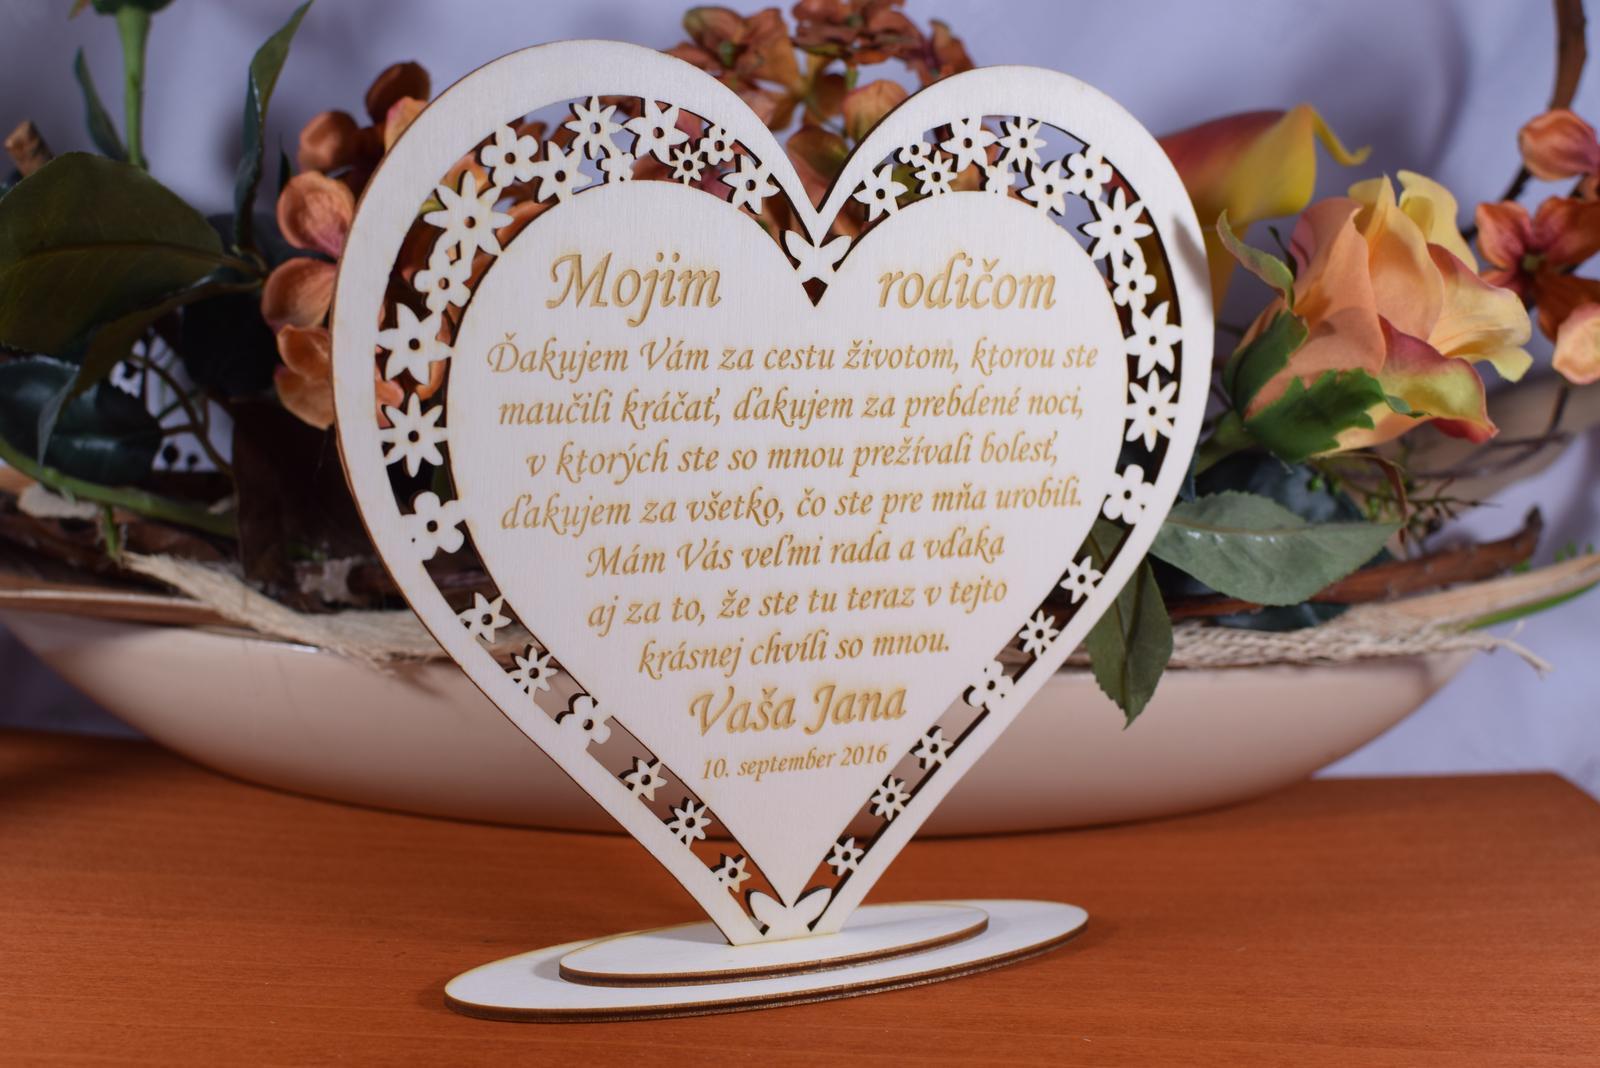 Poďakovanie Rodičom srdce vyrezávané 8 - Obrázok č. 4